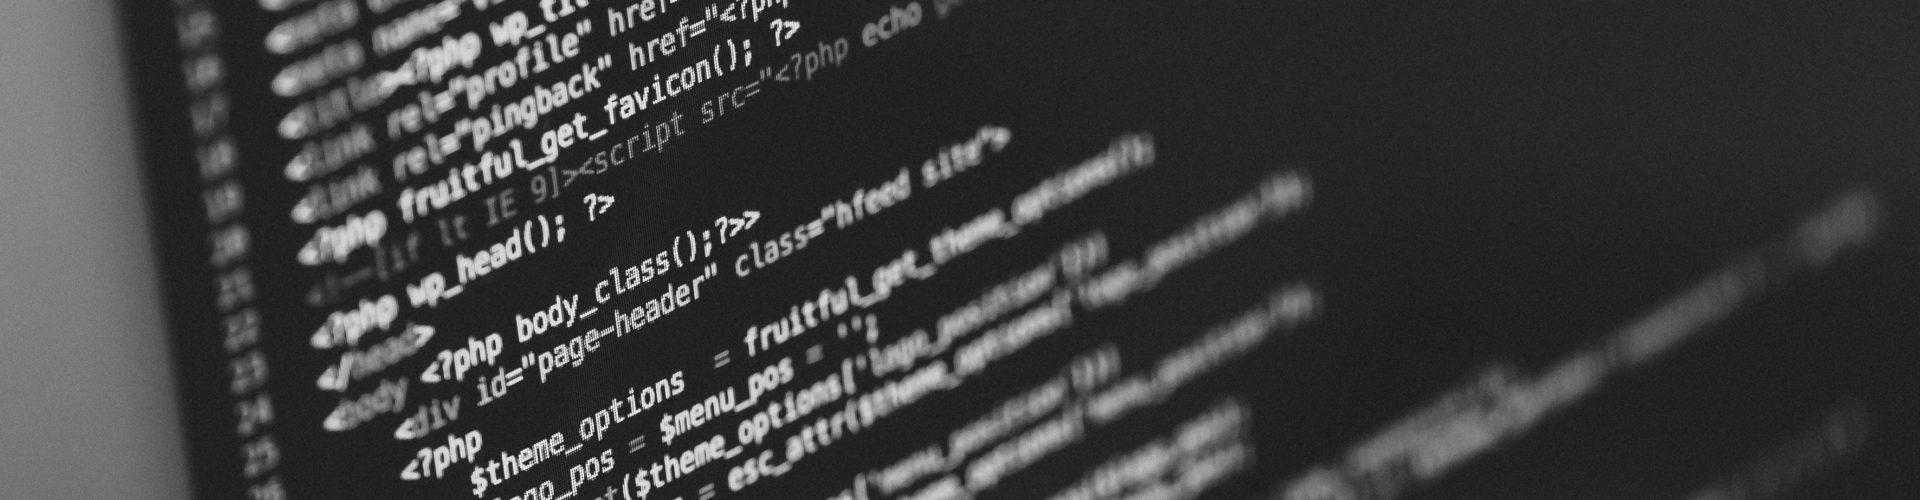 Bericht von der 1. TÜV Cybersecurity Conference in Berlin